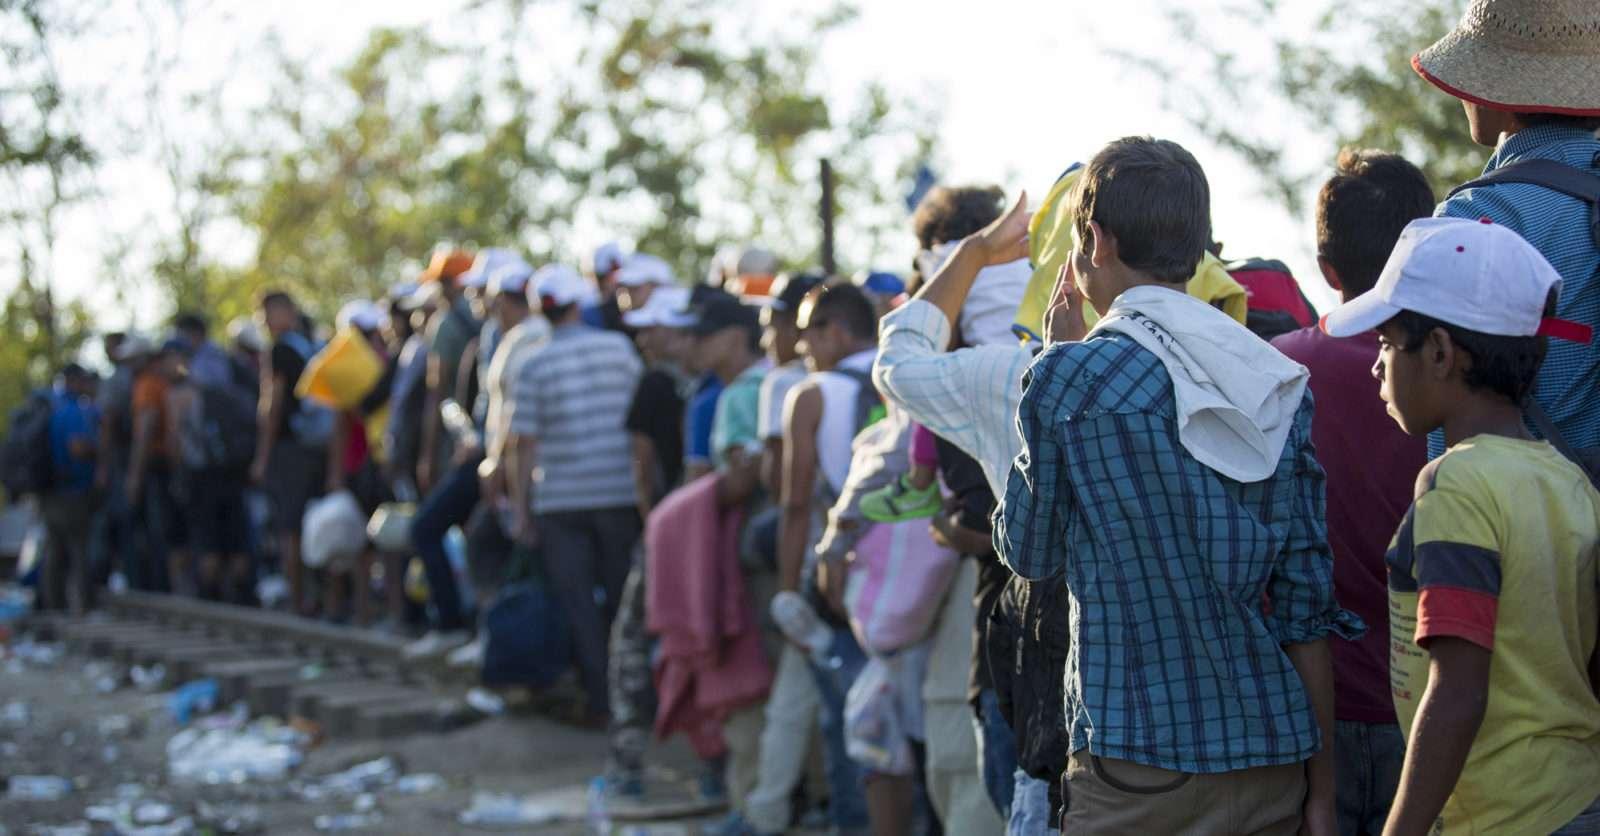 L'absorption de 175 réfugiés par la Finlande est louable, mais il faut faire plus